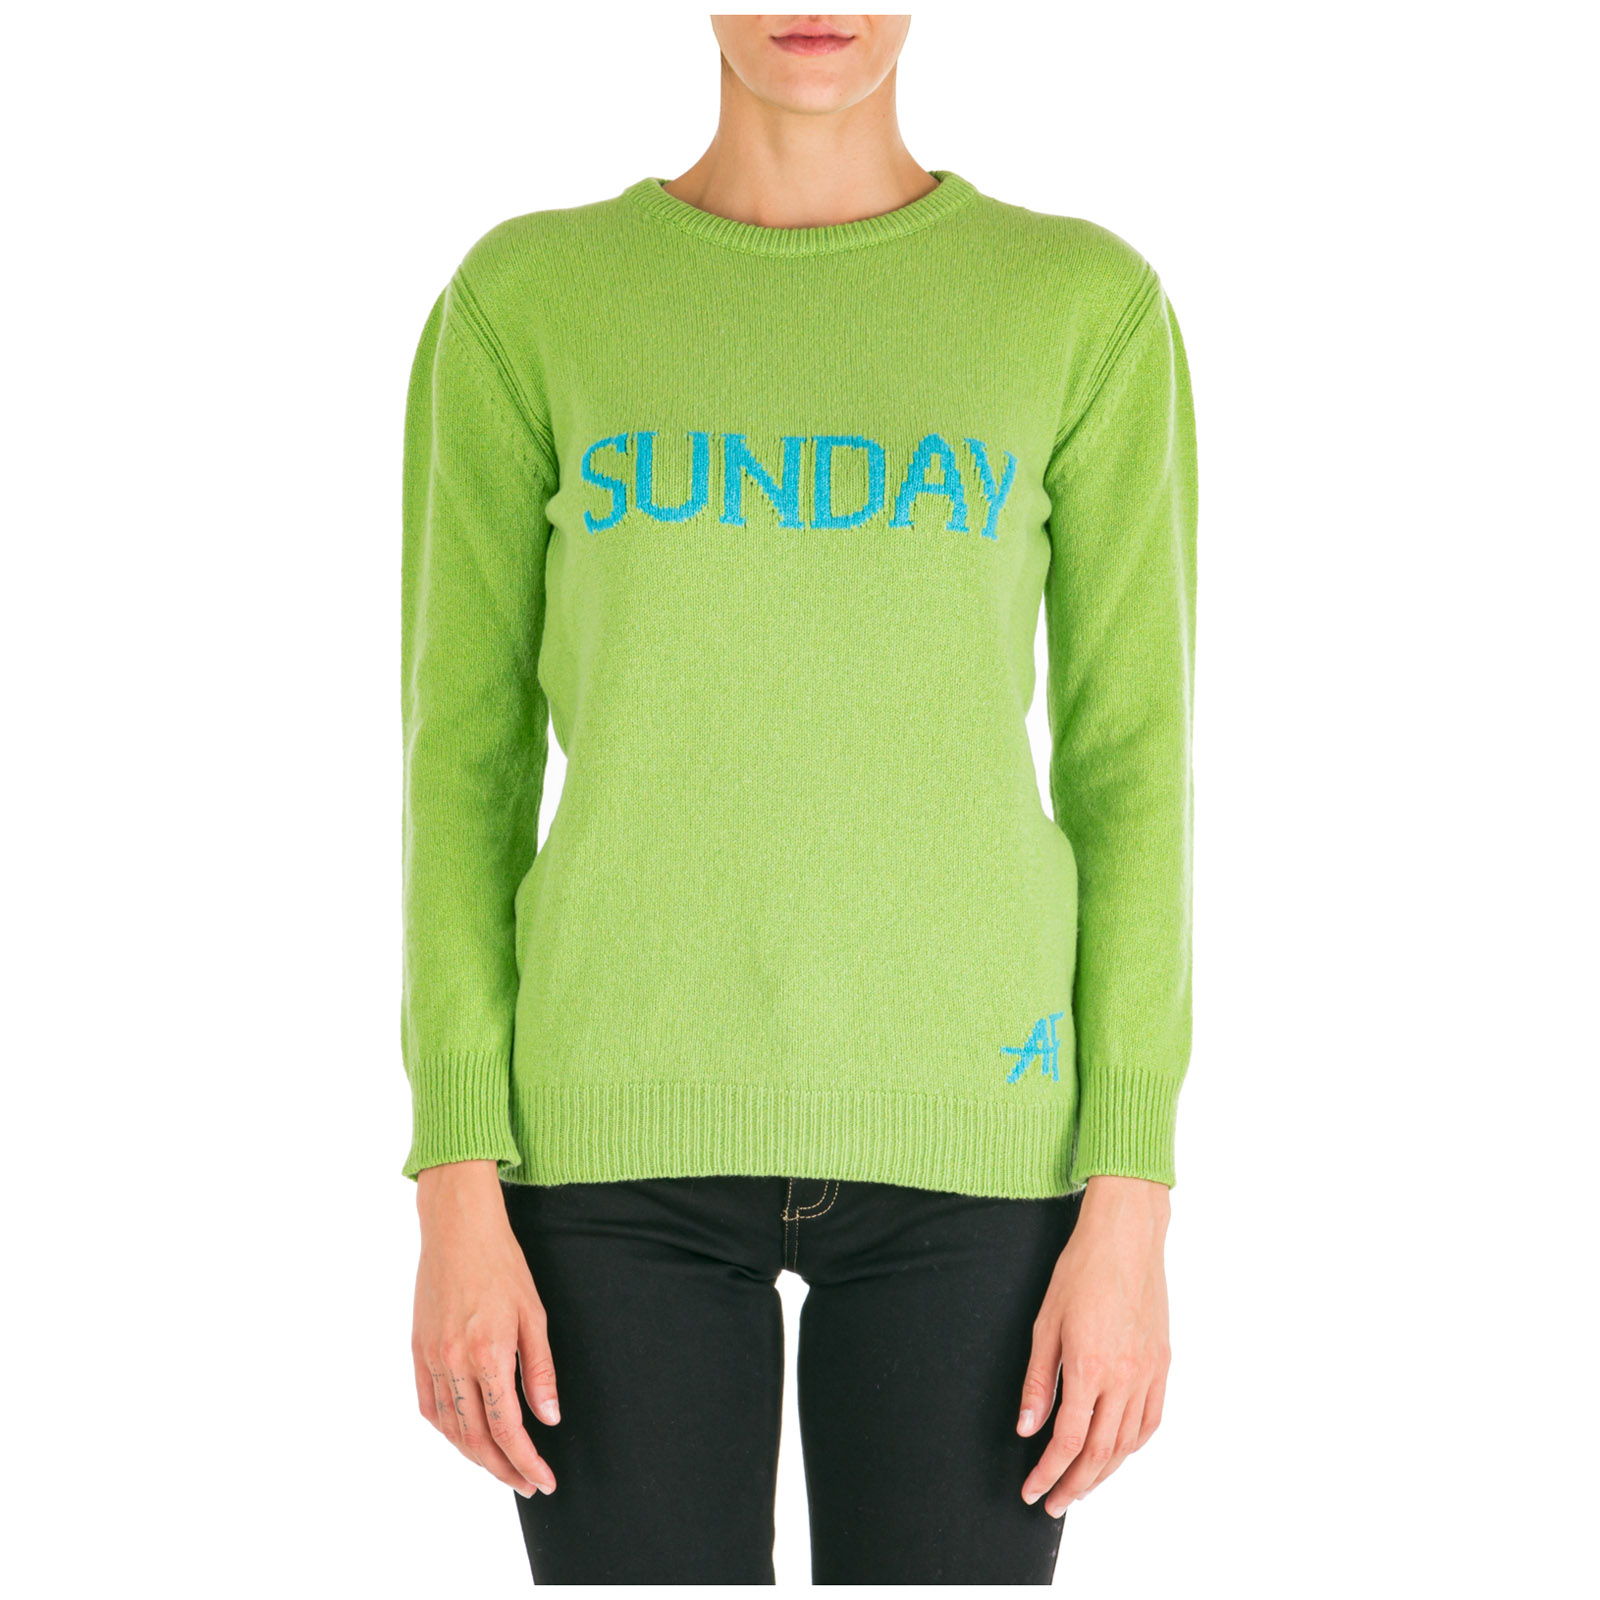 Women's jumper sweater crew neck round rainbow week sunday